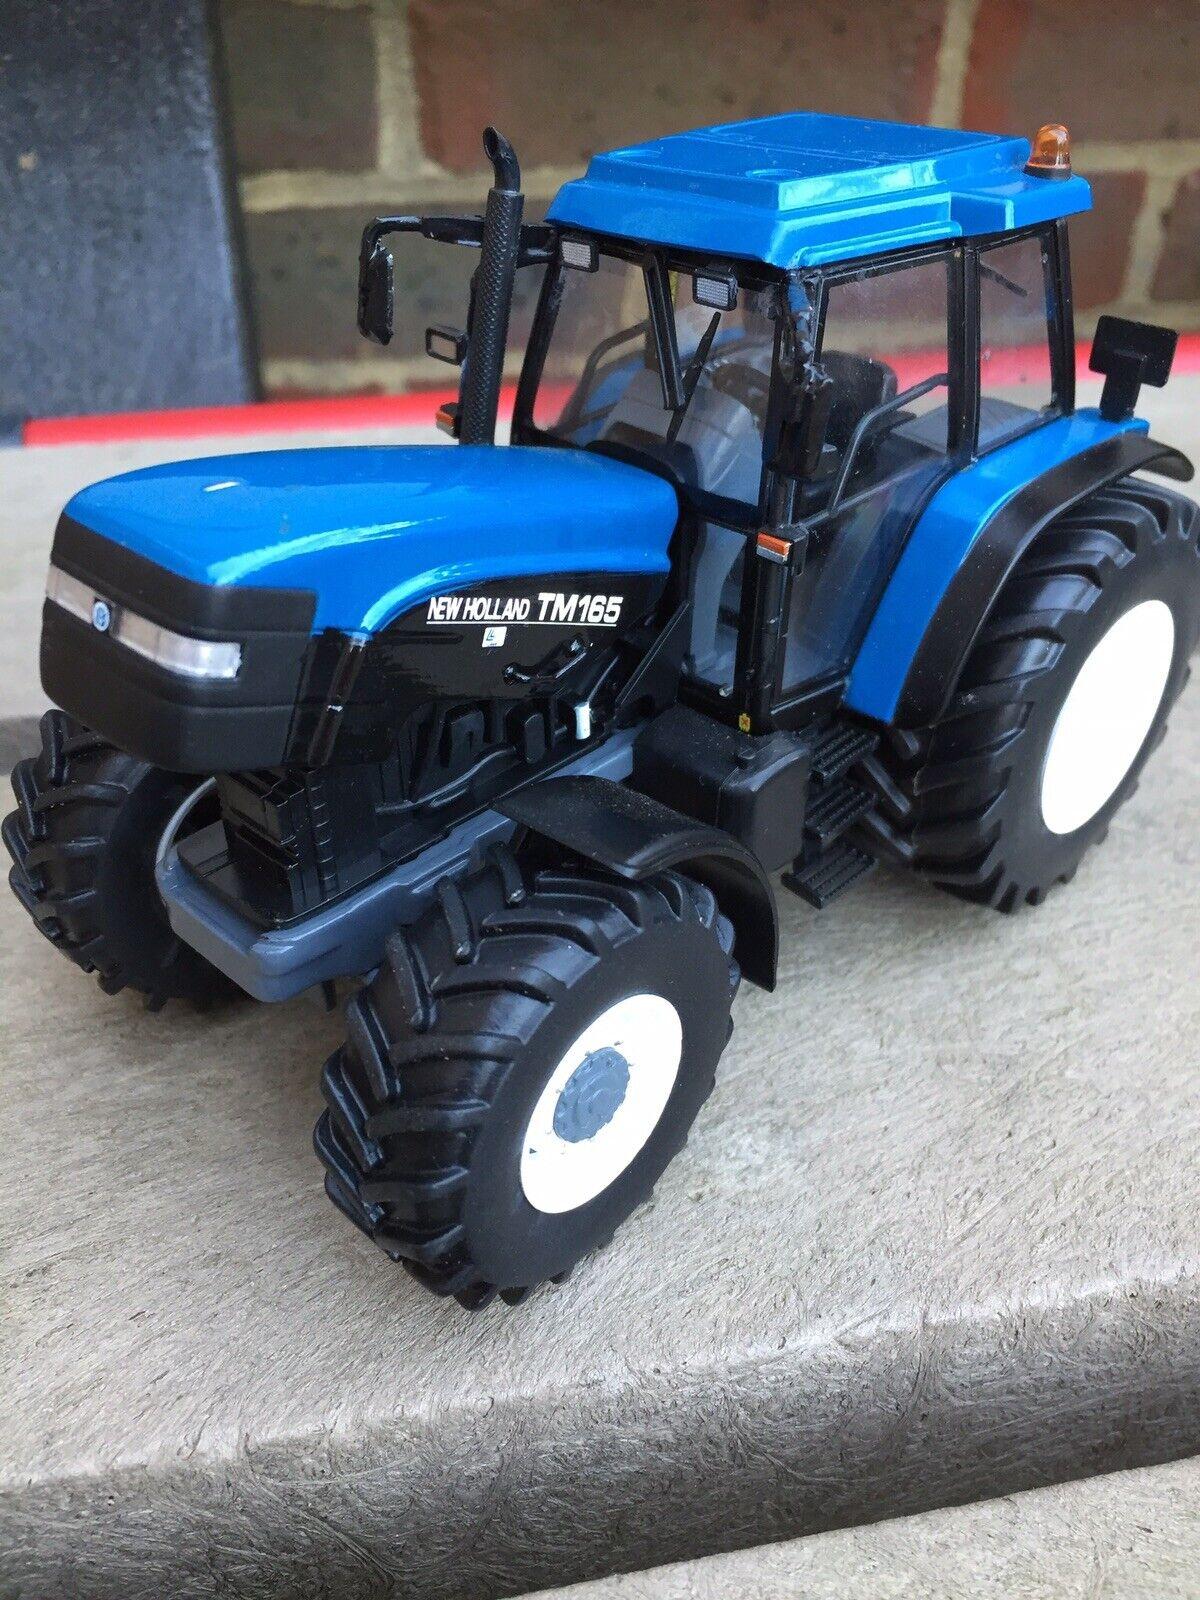 nouveau HOLLAND TM165 Tractor Conversion échelle  1 32 Farm Traktor  offre spéciale